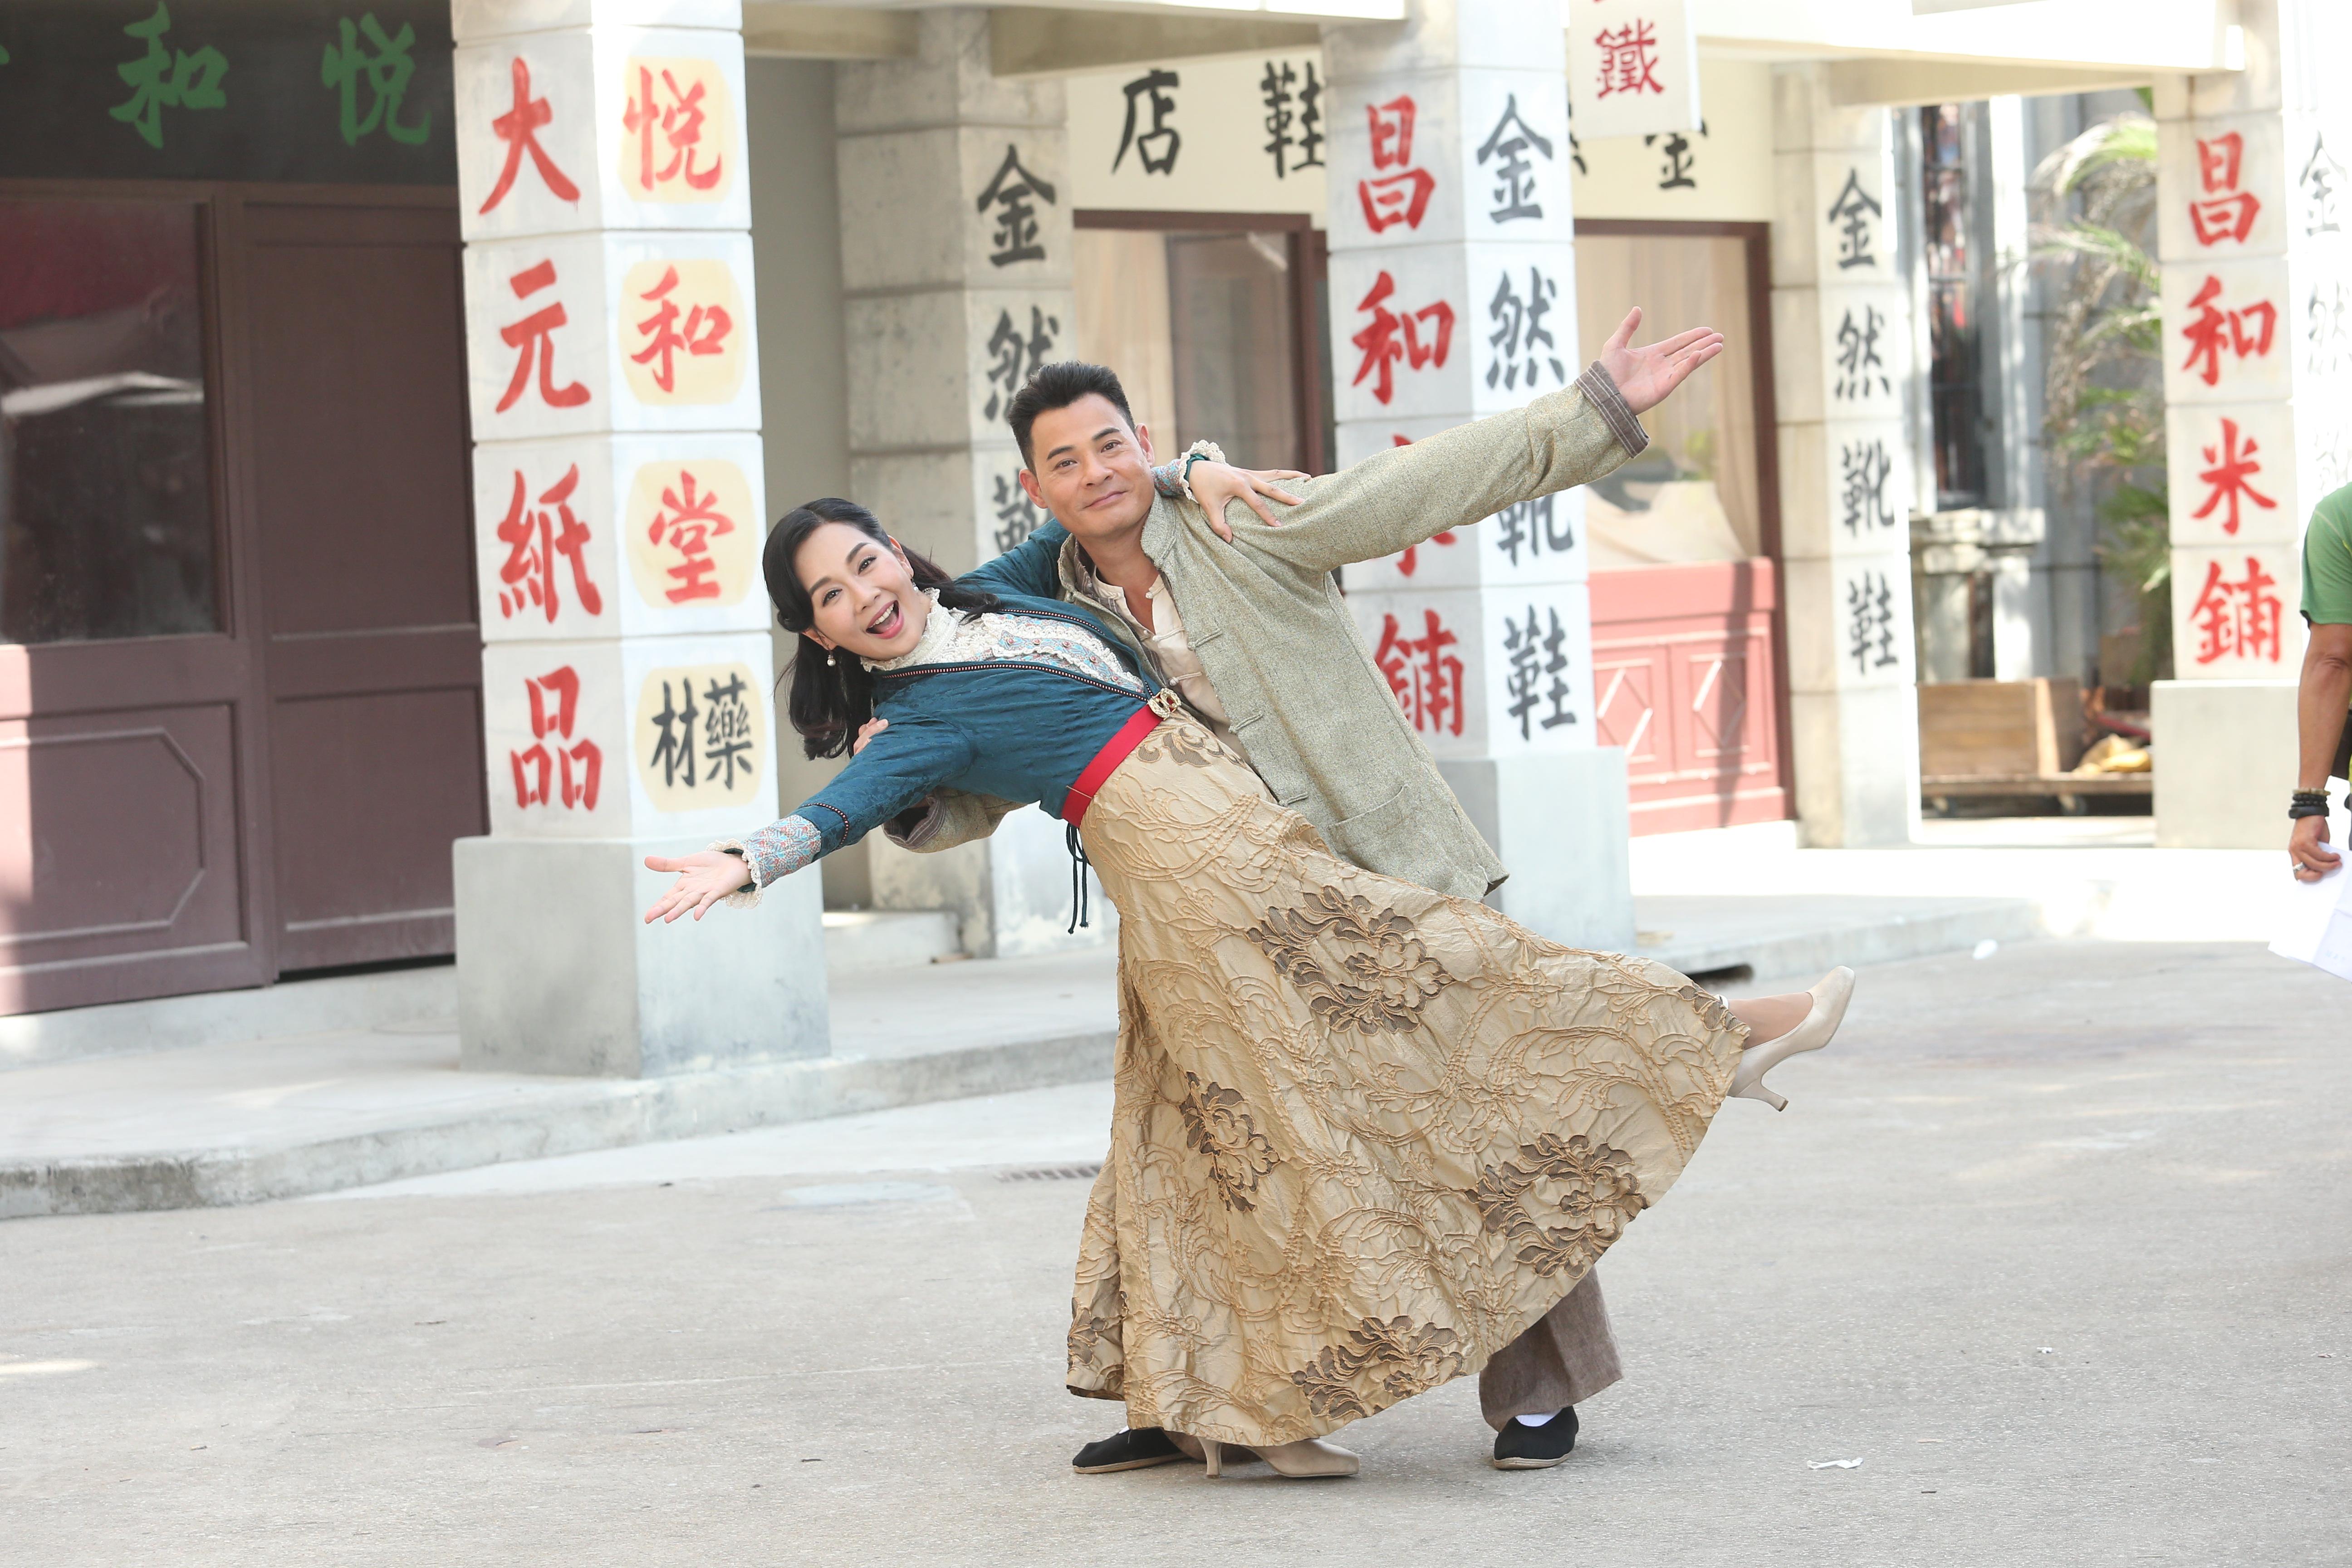 黃智賢與陳松伶未埋位時,經常邊唱兒歌邊跳舞,十分搞鬼。